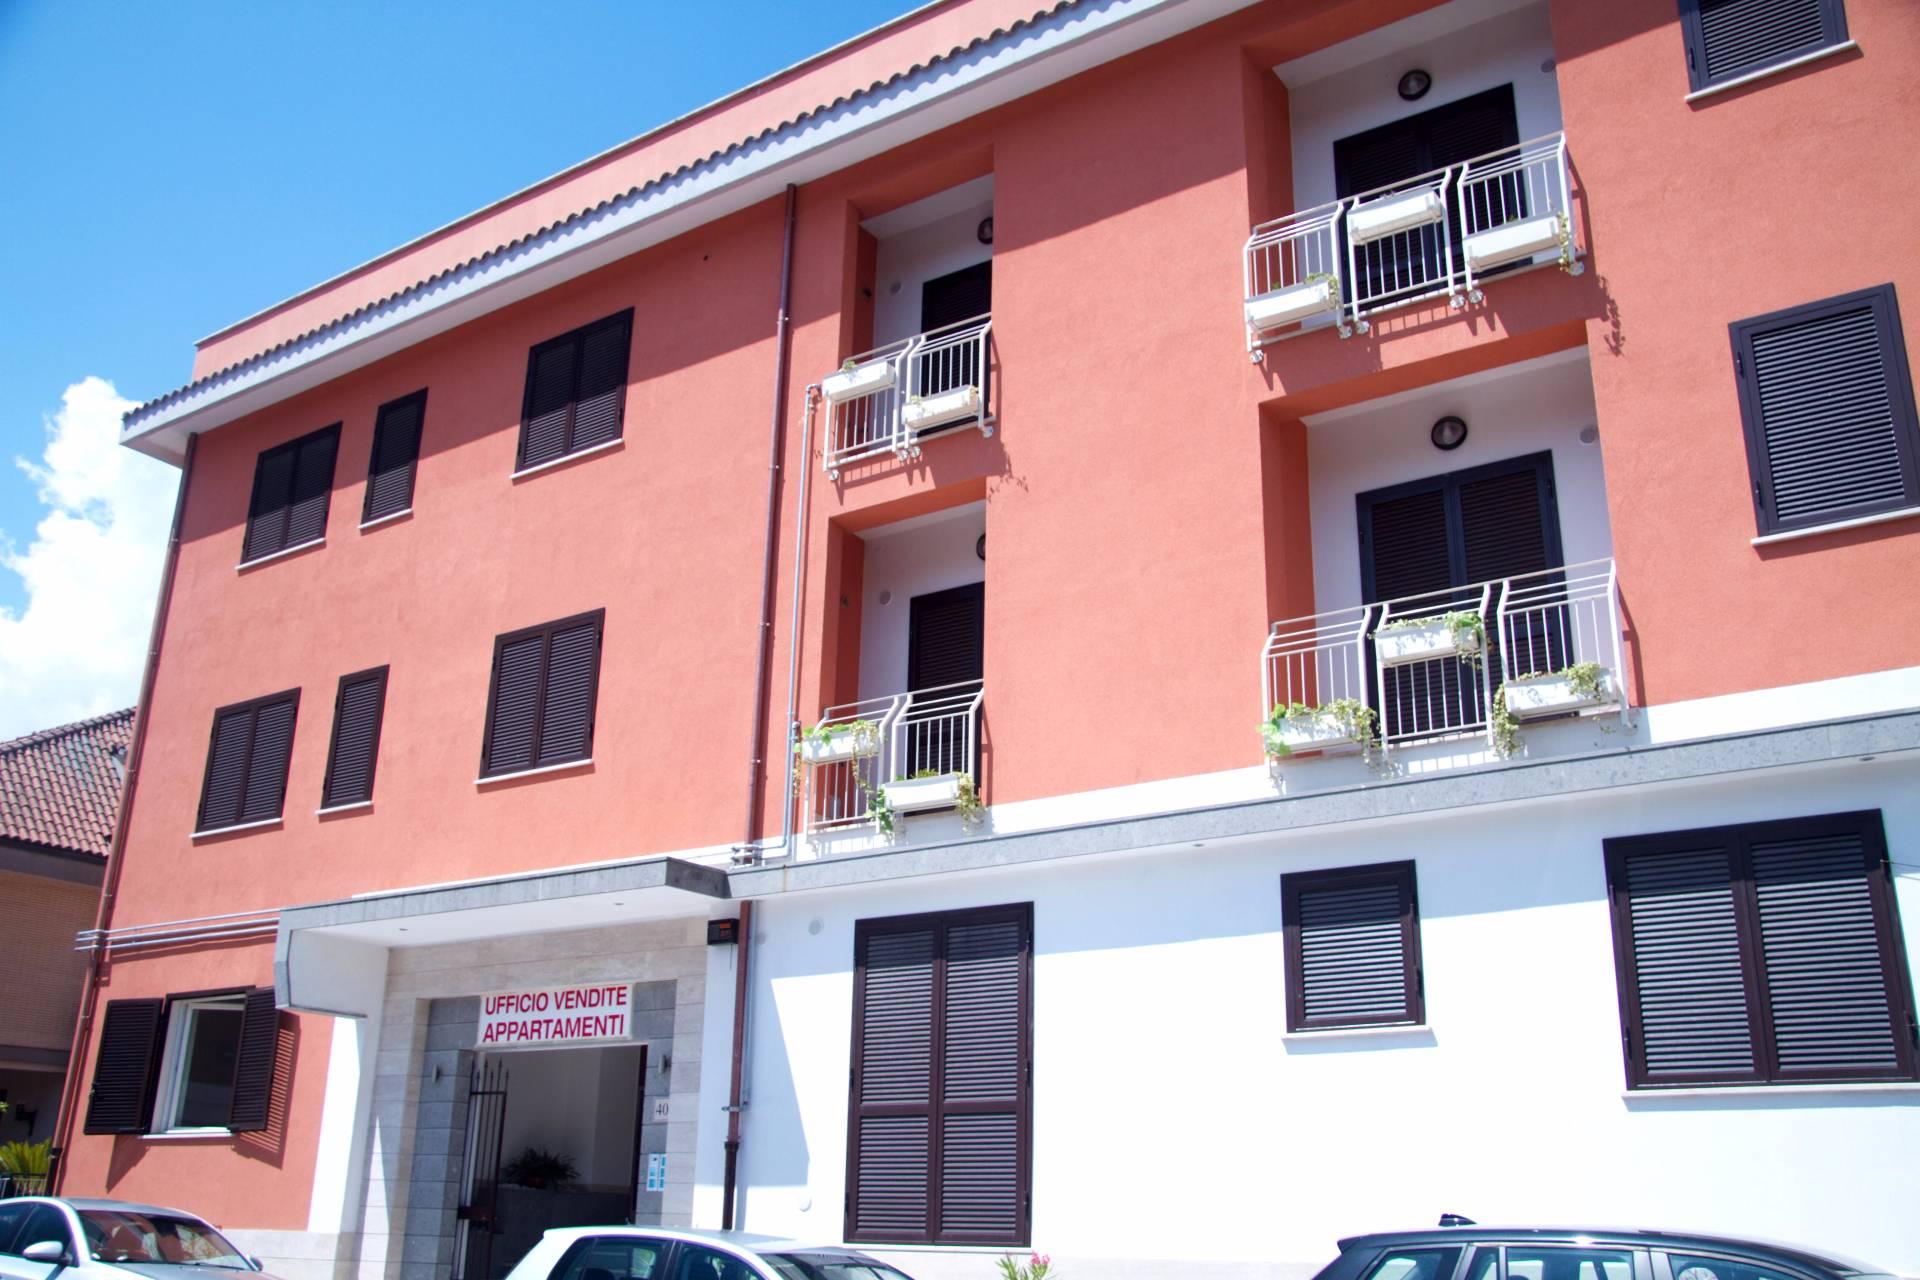 Appartamento in affitto a Colleferro, 2 locali, prezzo € 400 | Cambio Casa.it